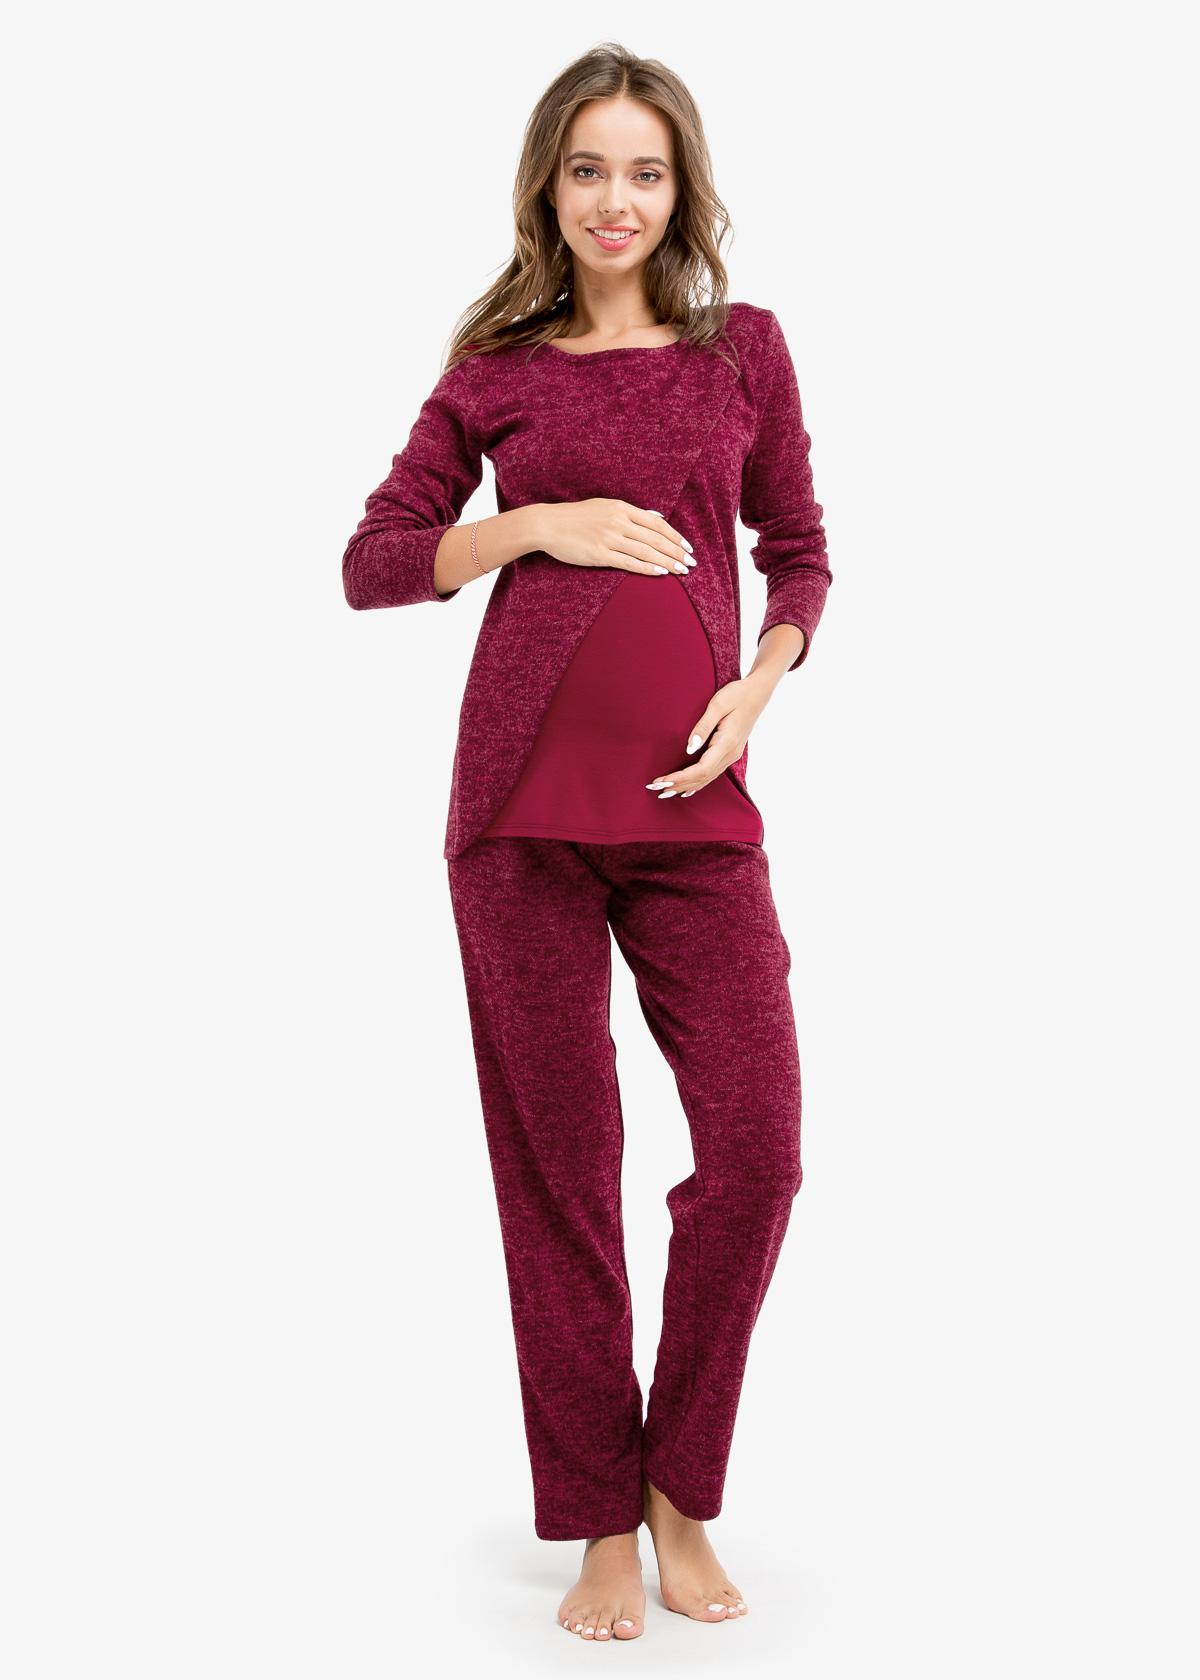 Фото: модная недорогая одежда, Костюм BORDO (ангора) для беременных